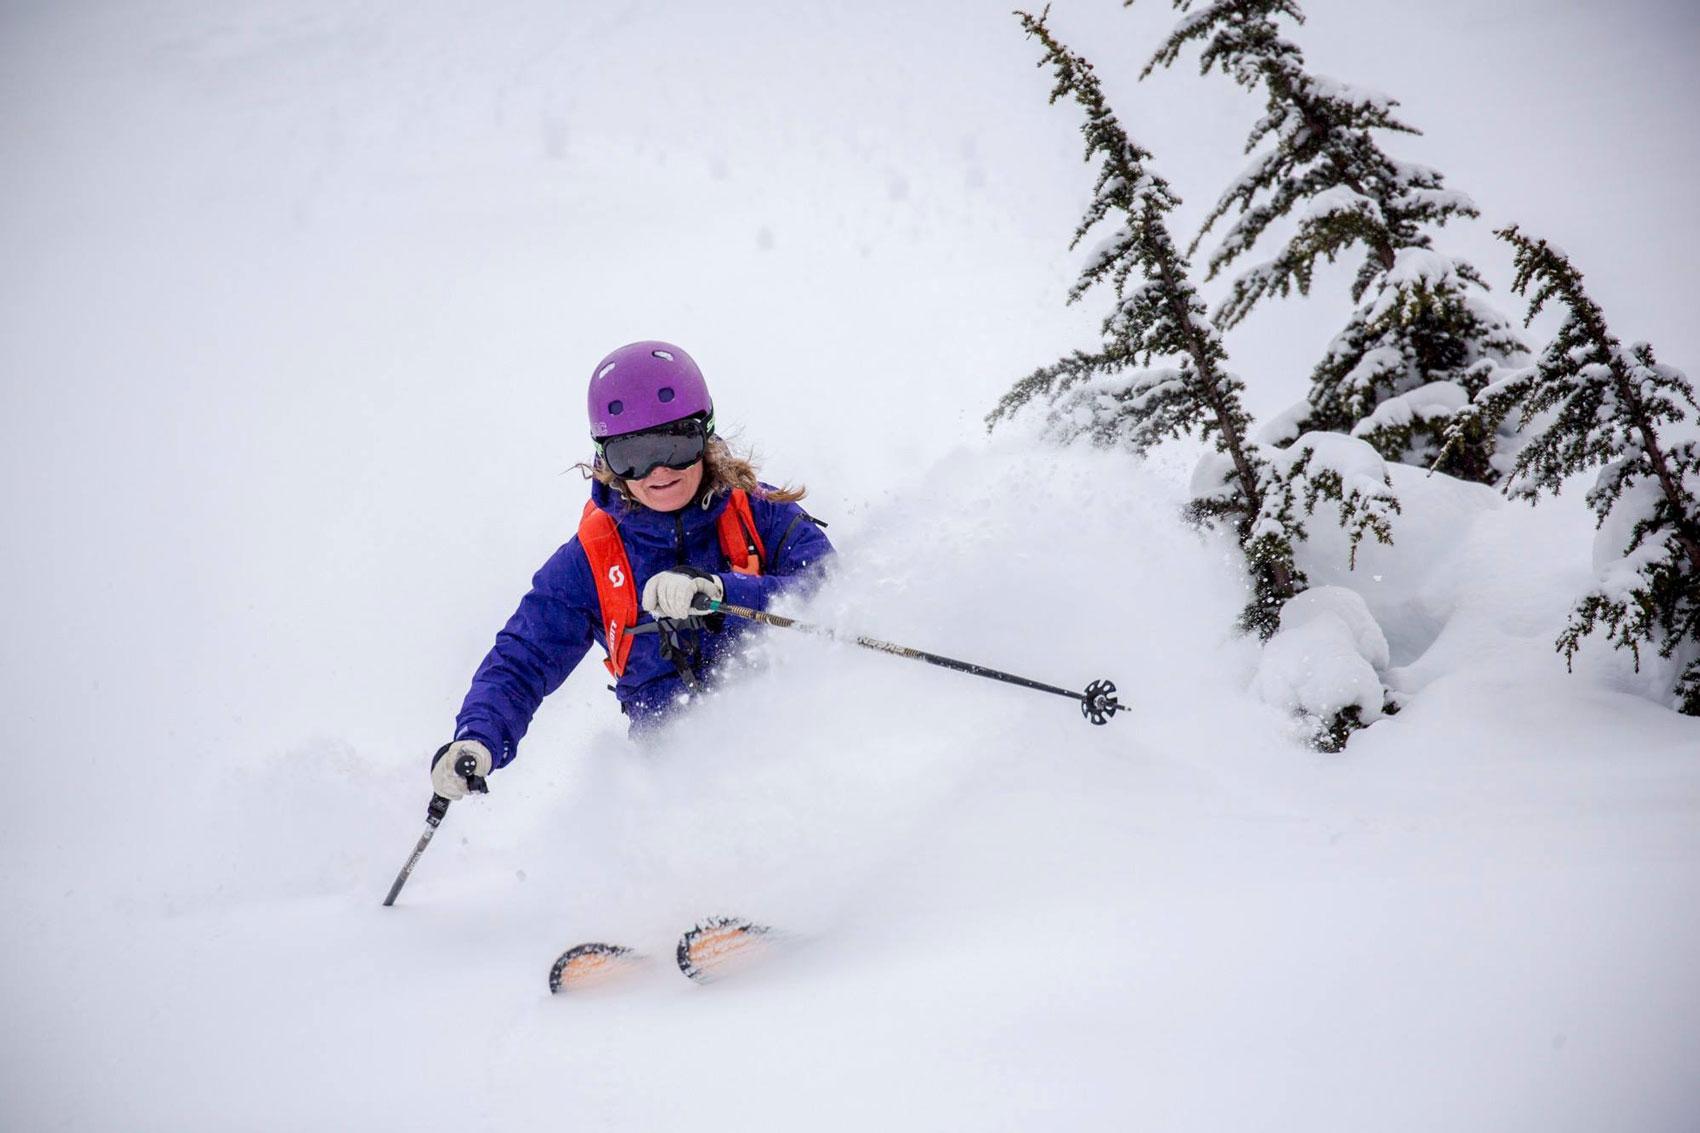 packliste-skifahren-munichmountain-girls-katharina-kestler-freeriden-01